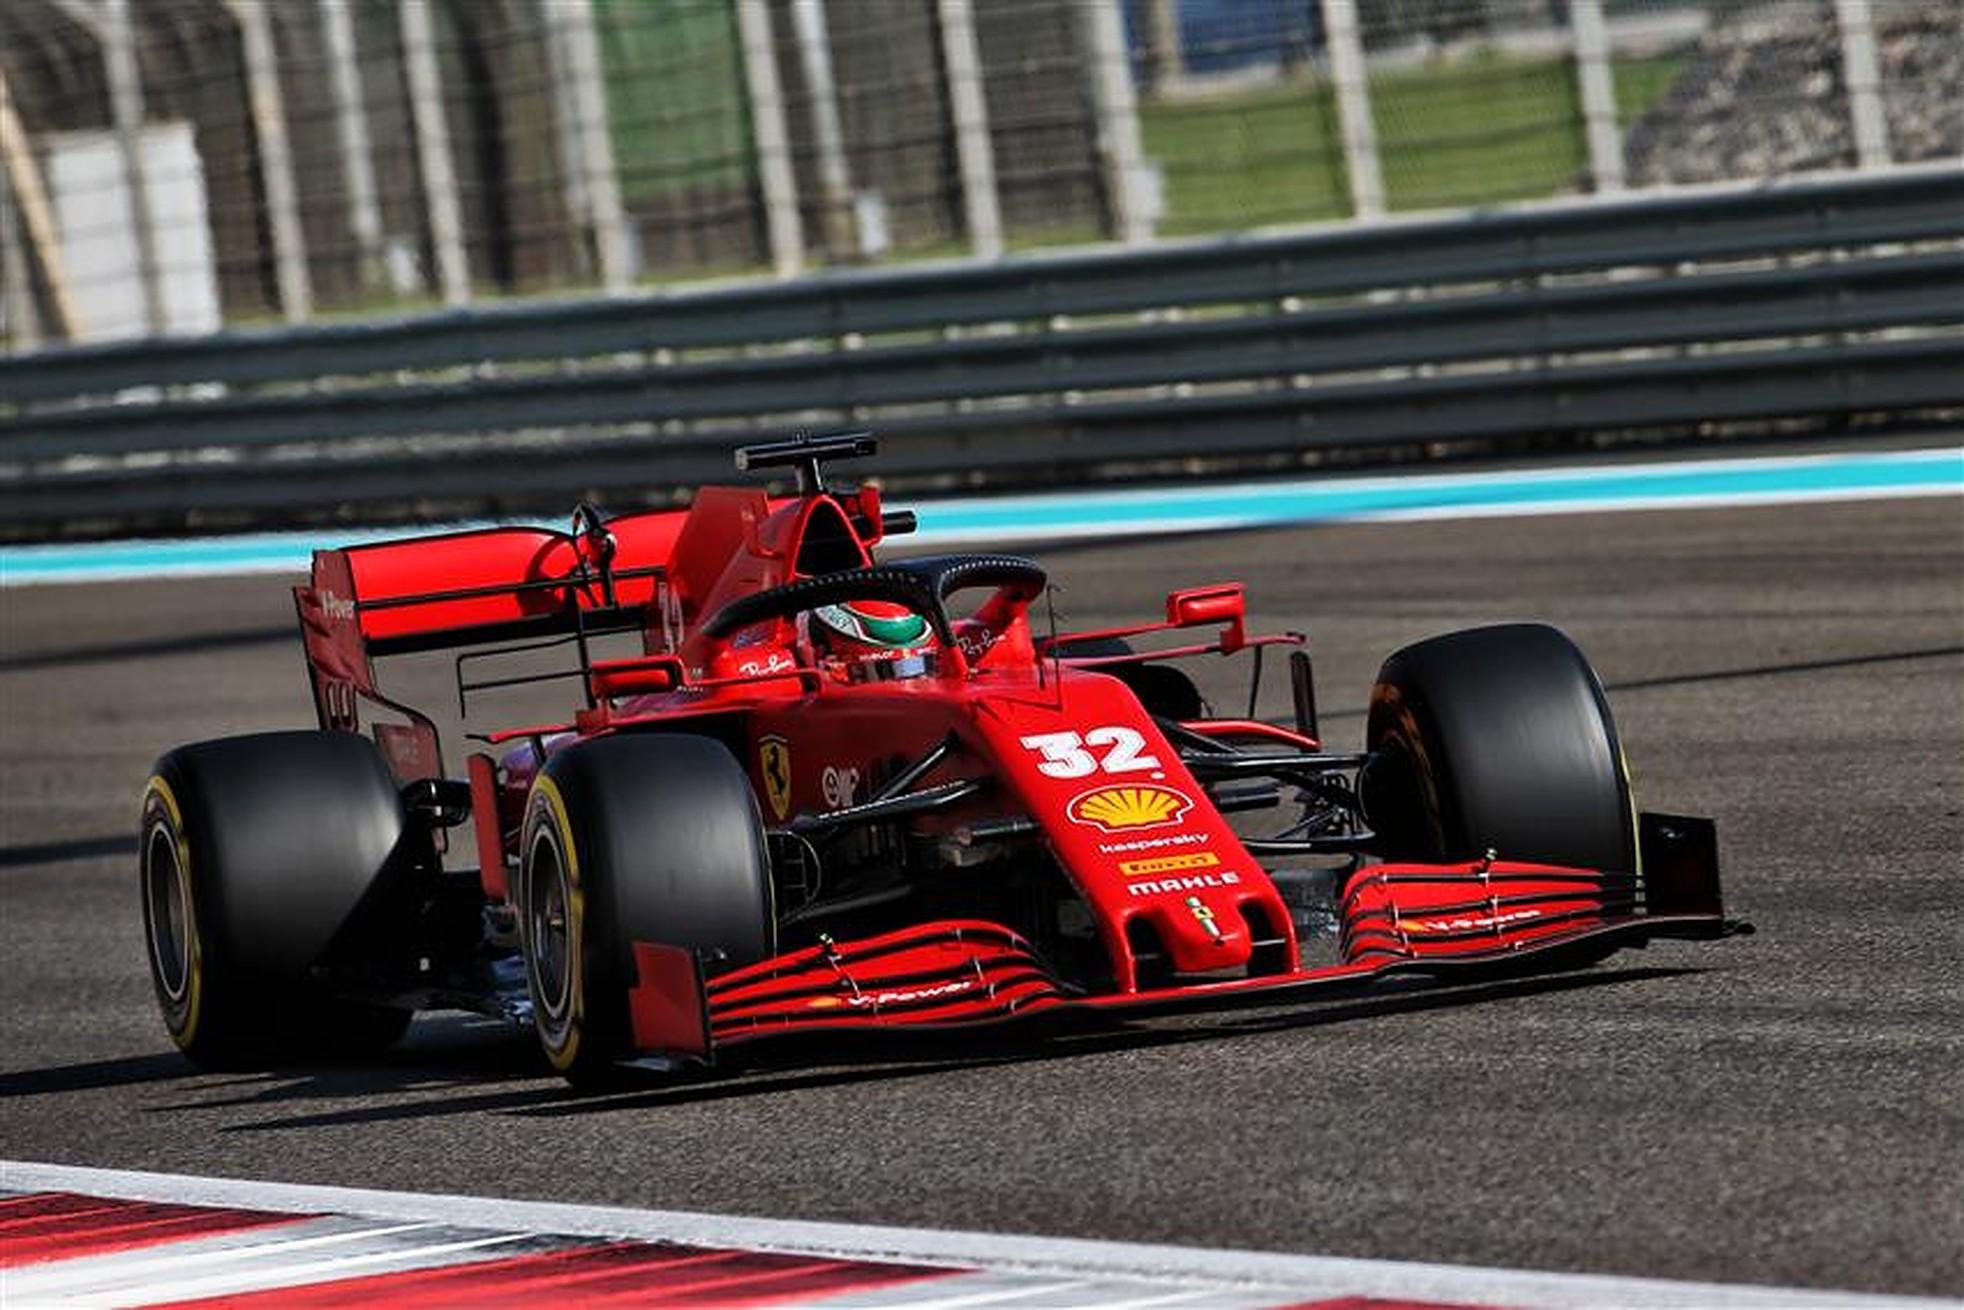 Ferrari F1 engine 2021 - Formula1news.co.uk